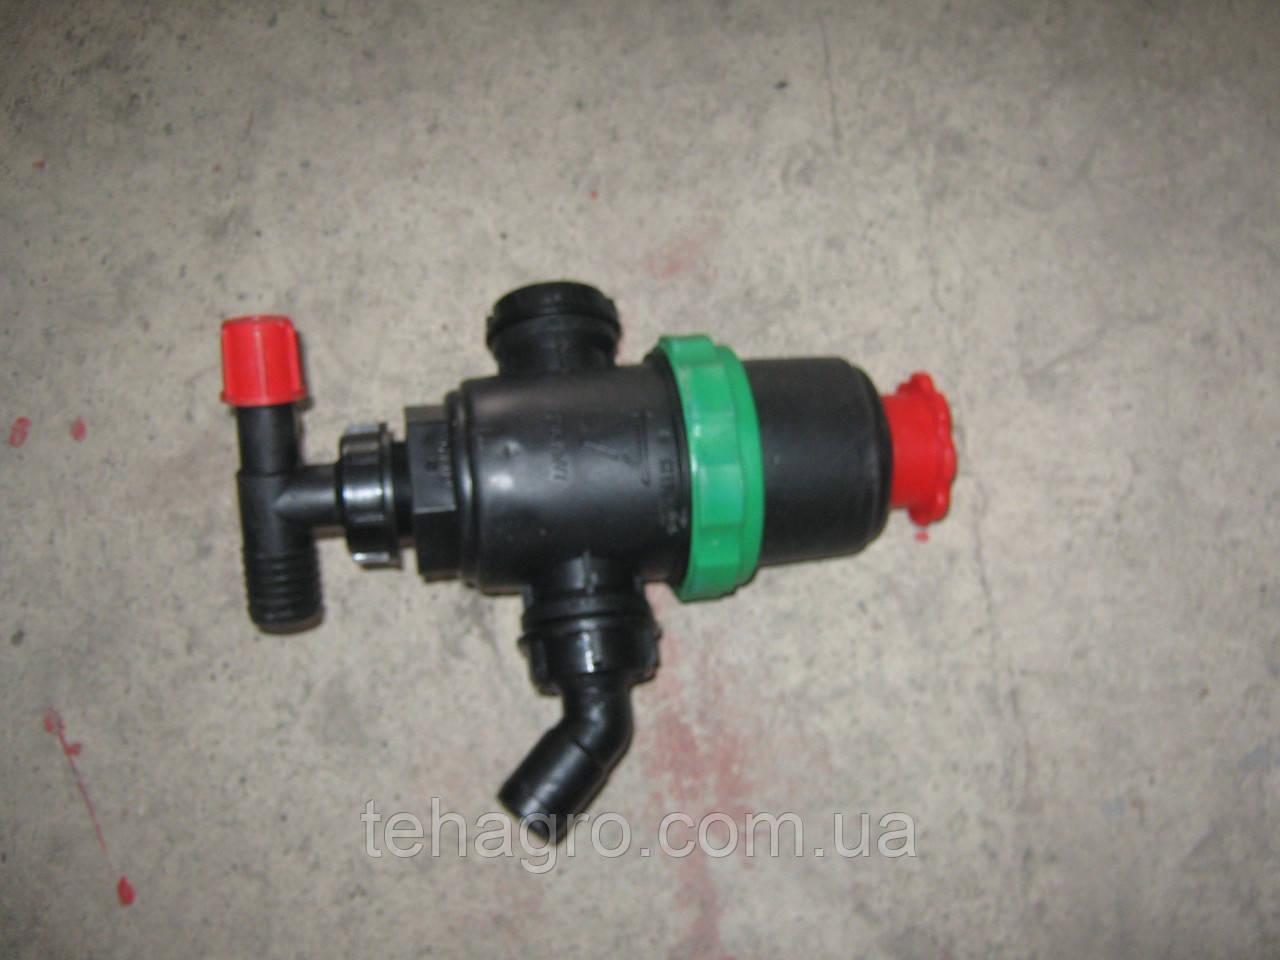 Фильтр малый к опрыскивателю 200-1000 л.